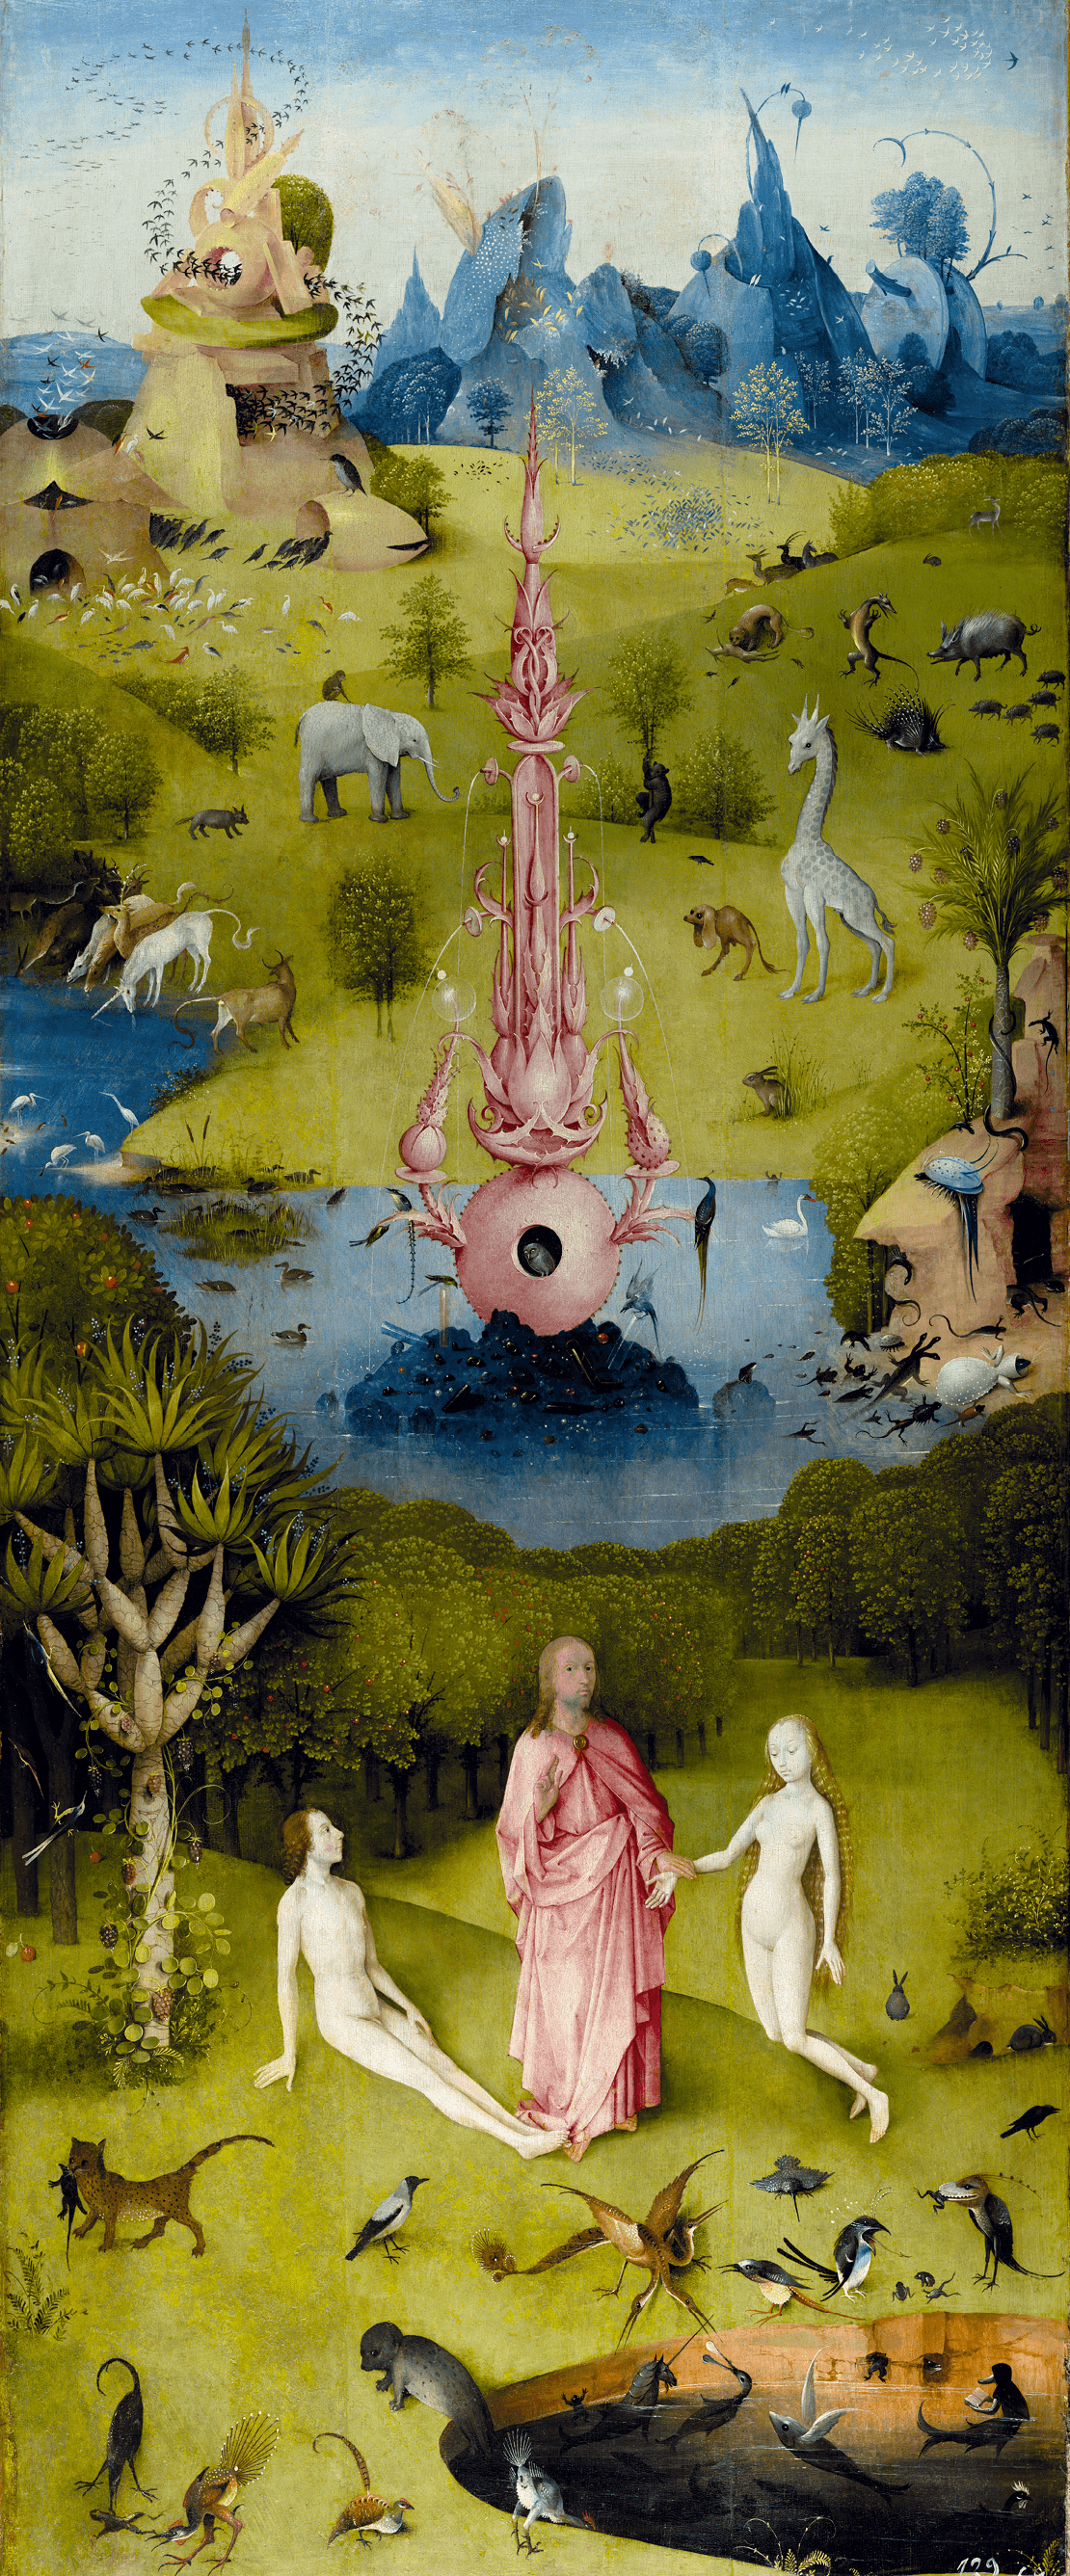 Jérôme Bosch, Le jardin des délices, 1494-1505, Le paradis